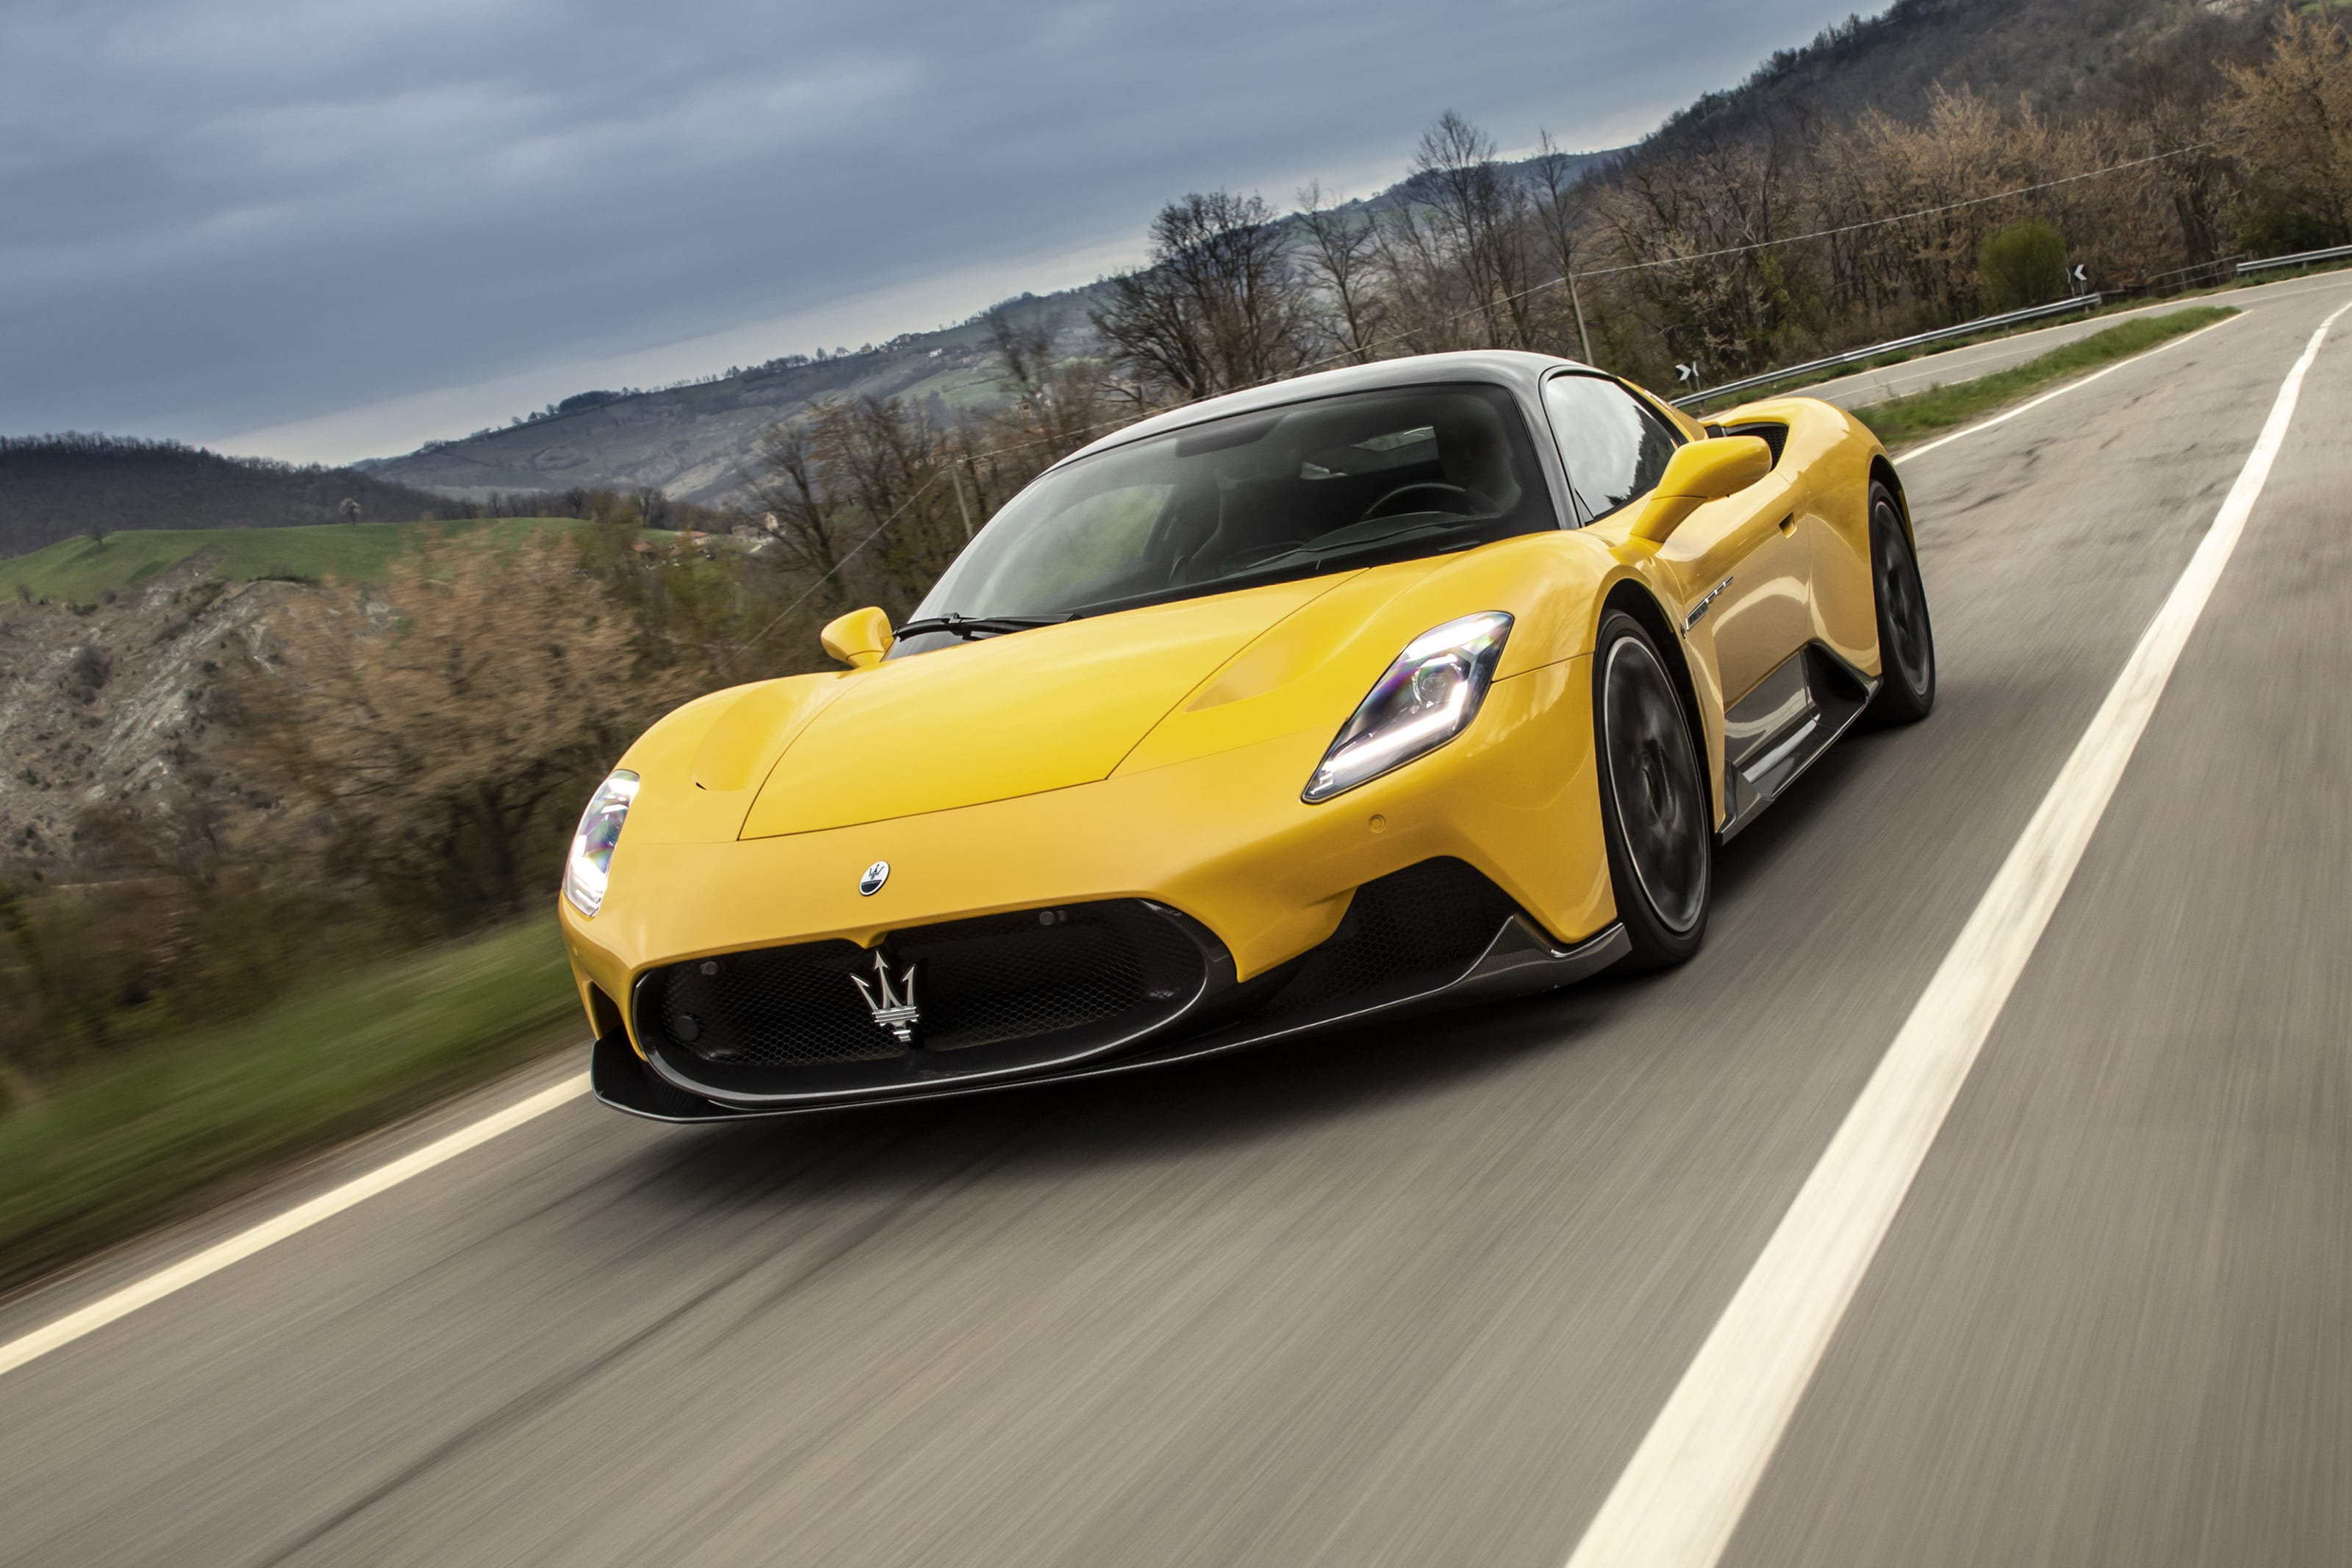 2021 Maserati MC20 review